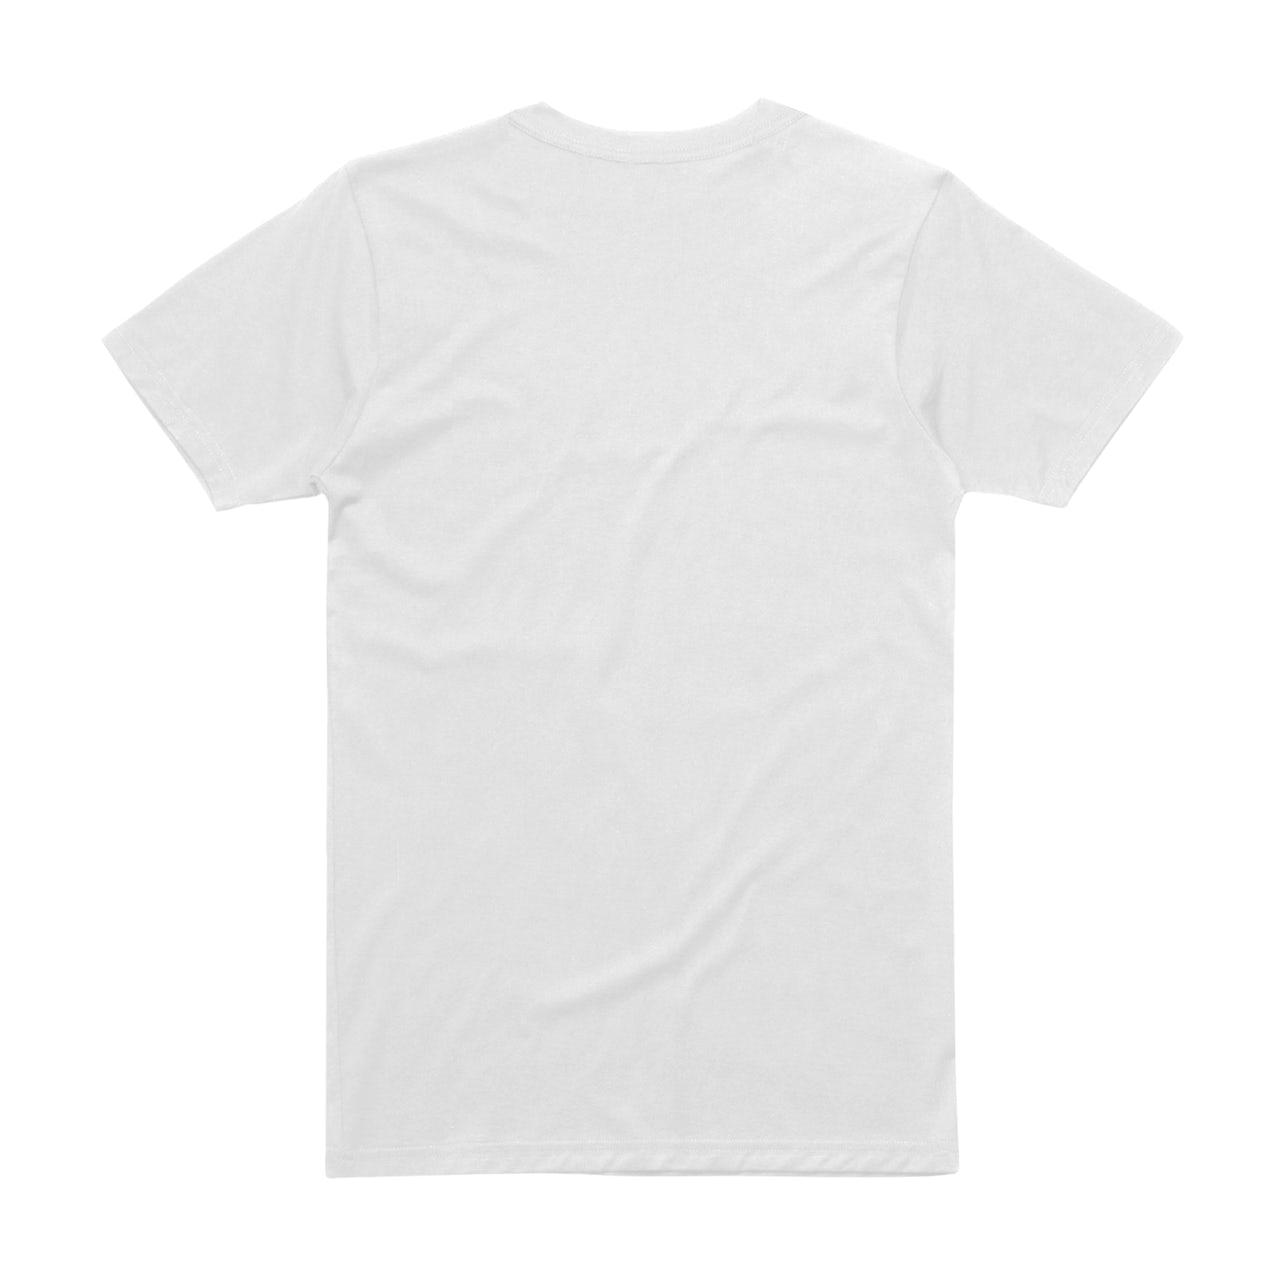 f0c2611c3 Nicki Minaj Nicki Stopped My Bag White T-Shirt